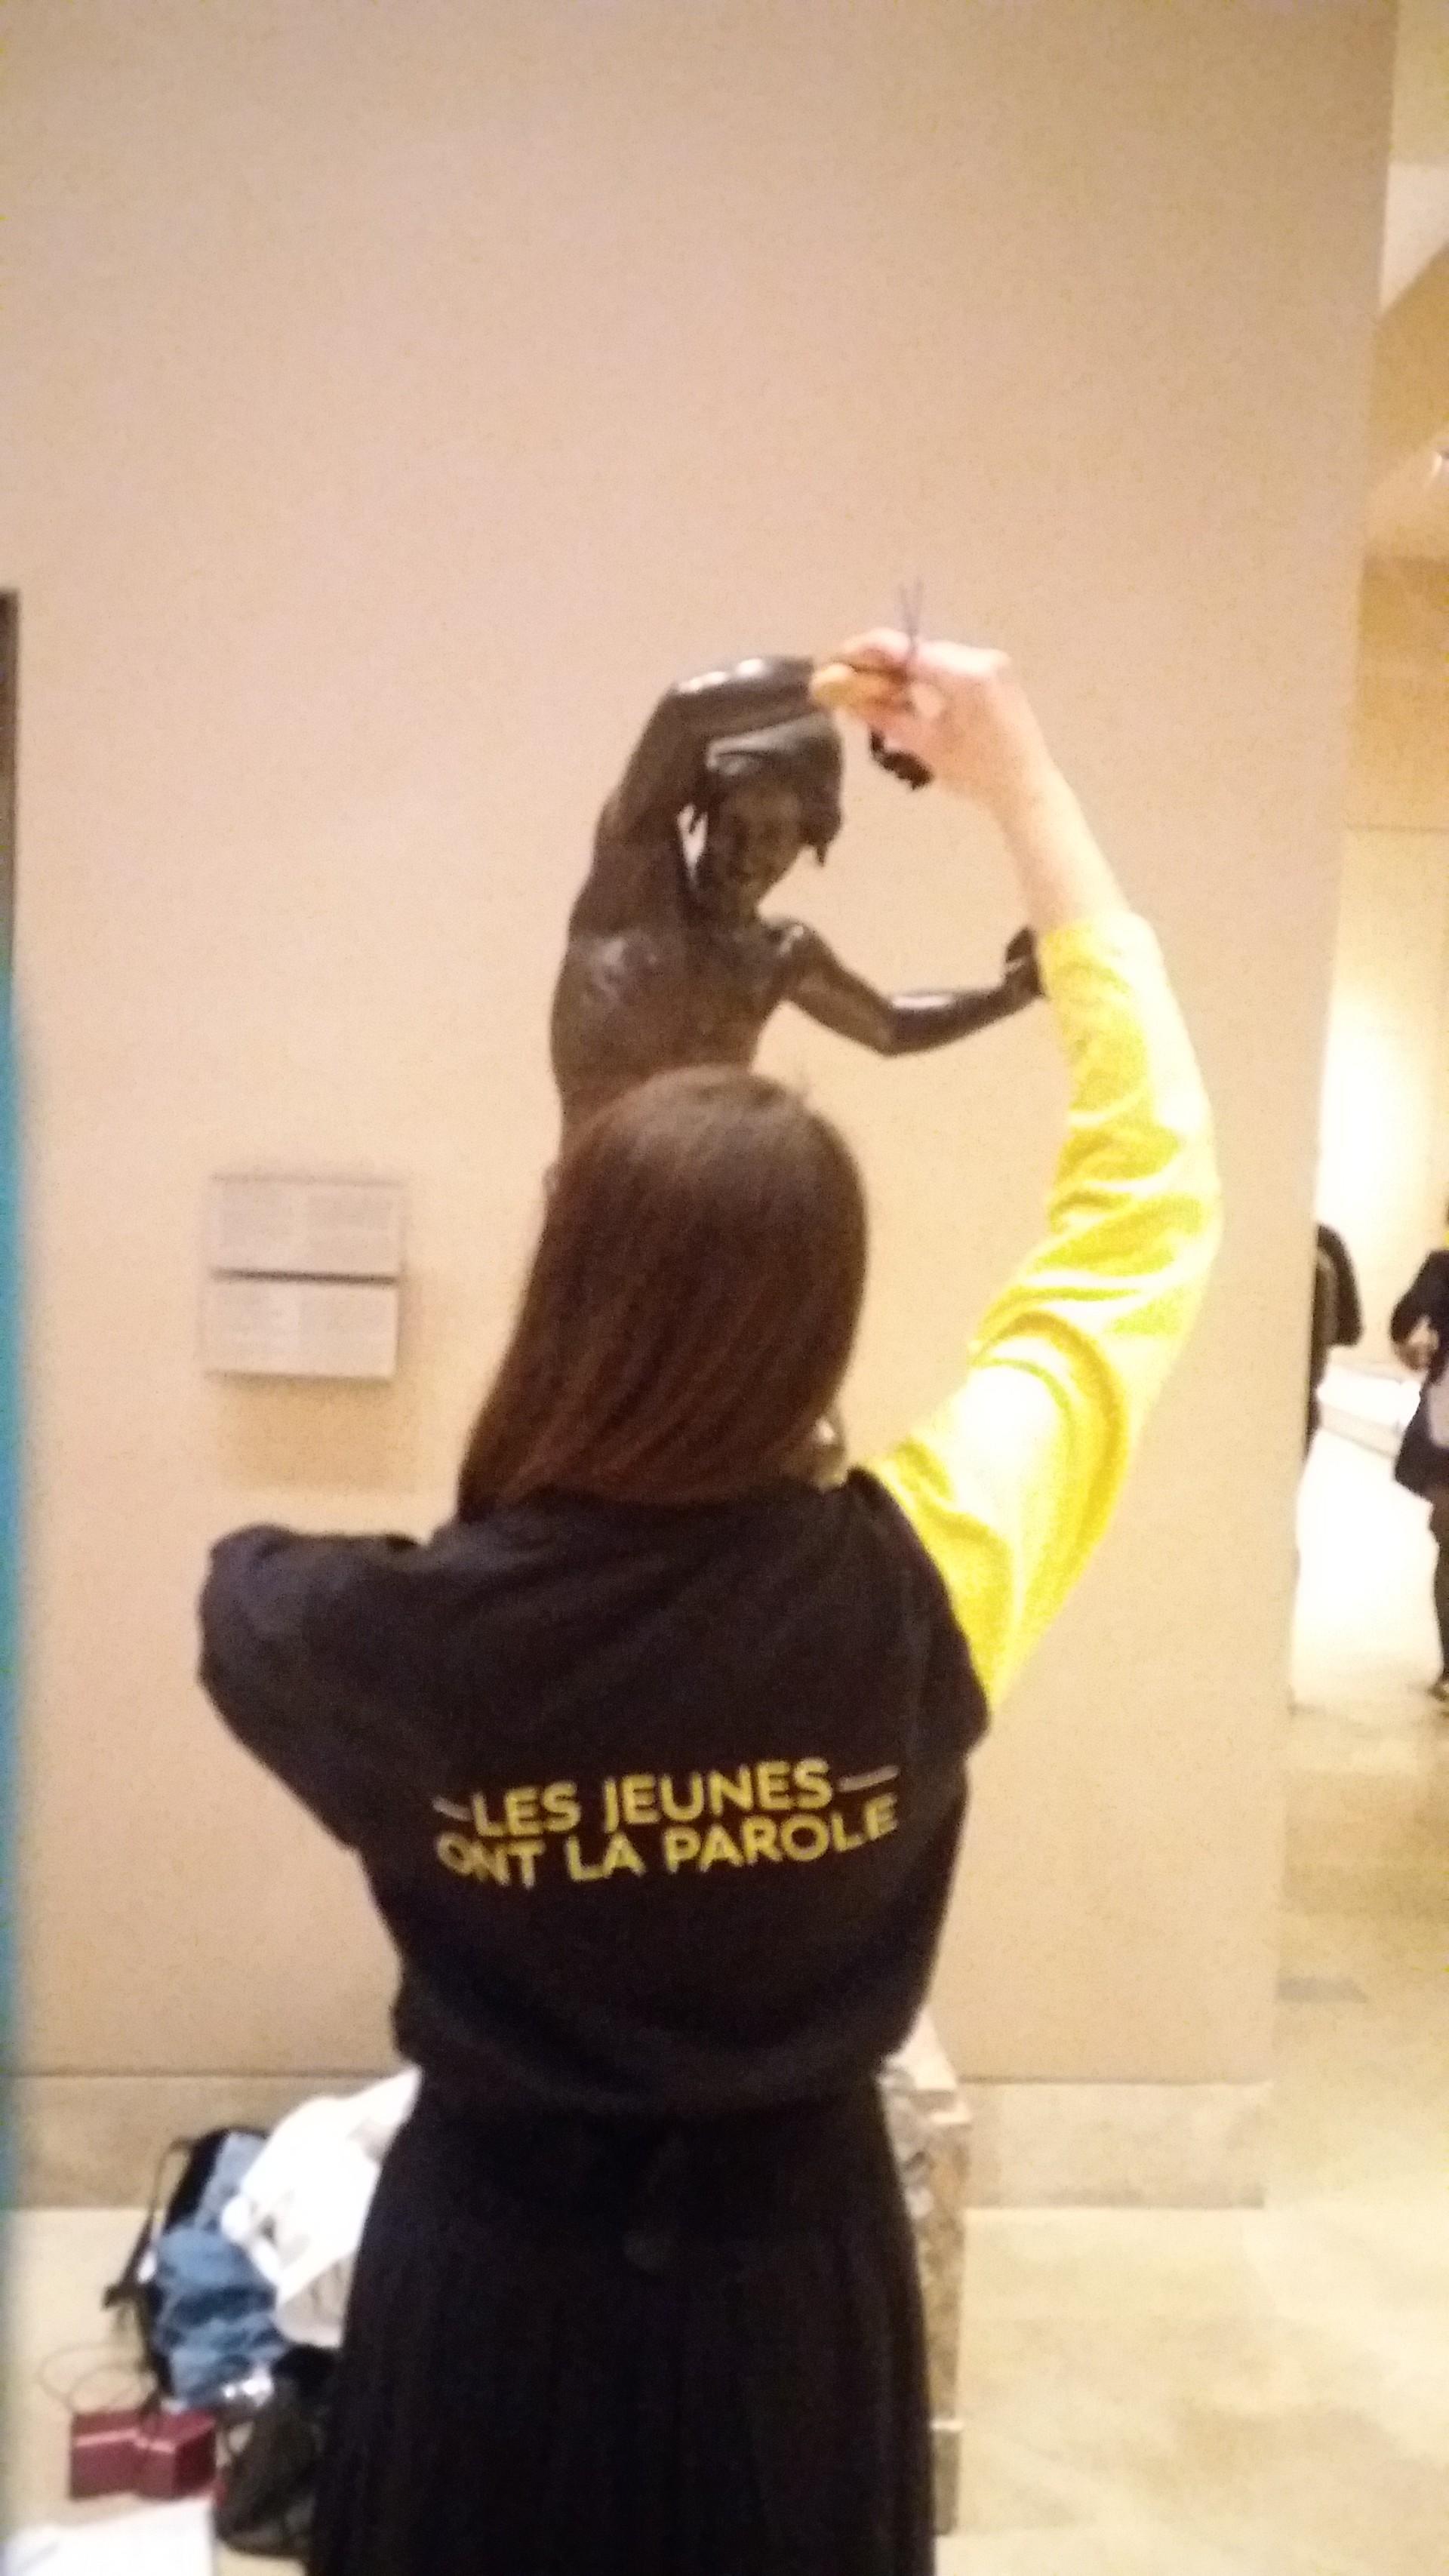 Stasera lavoro...al museo del Louvre!